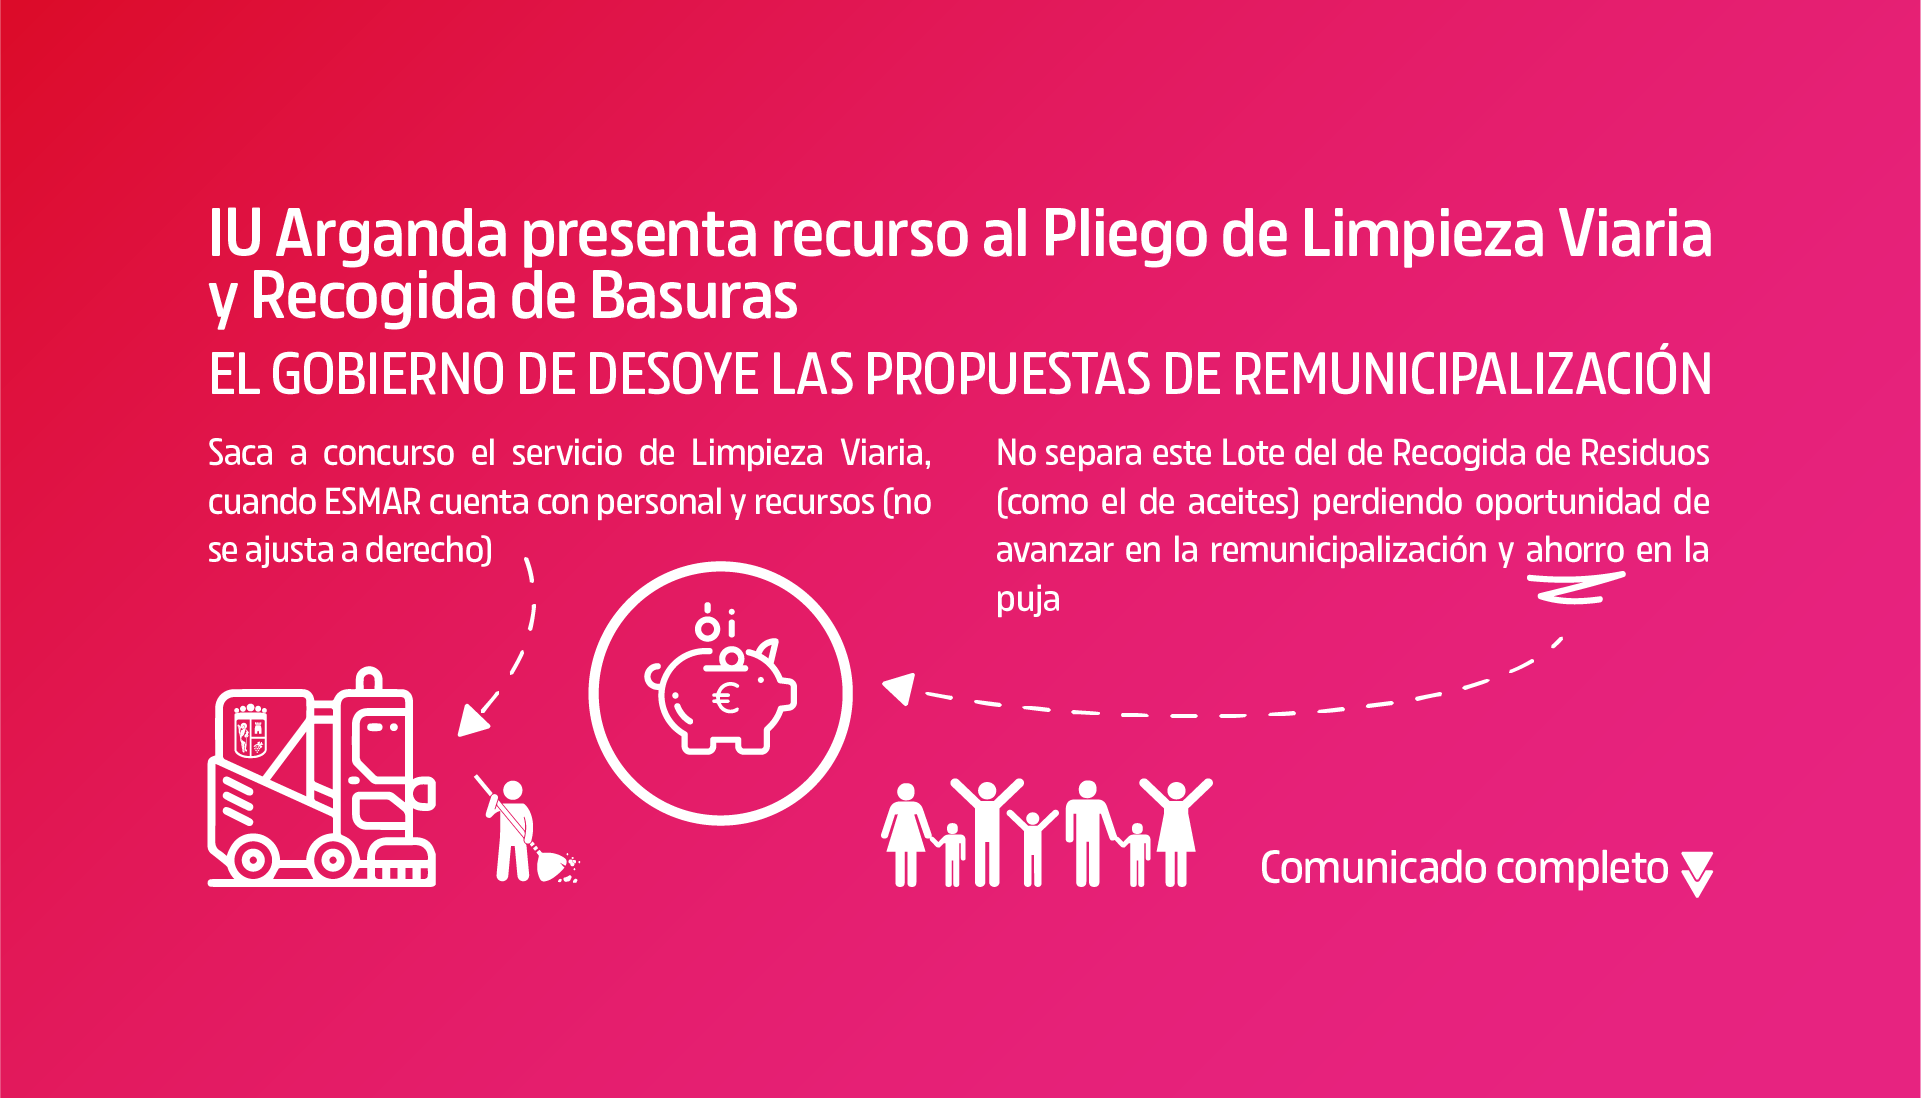 IU Arganda presenta un recurso especial al Tribunal Administrativo de Contratación Pública de la Comunidad de Madrid por el nuevo Pliego de Limpieza Viaria y Recogida de Basuras